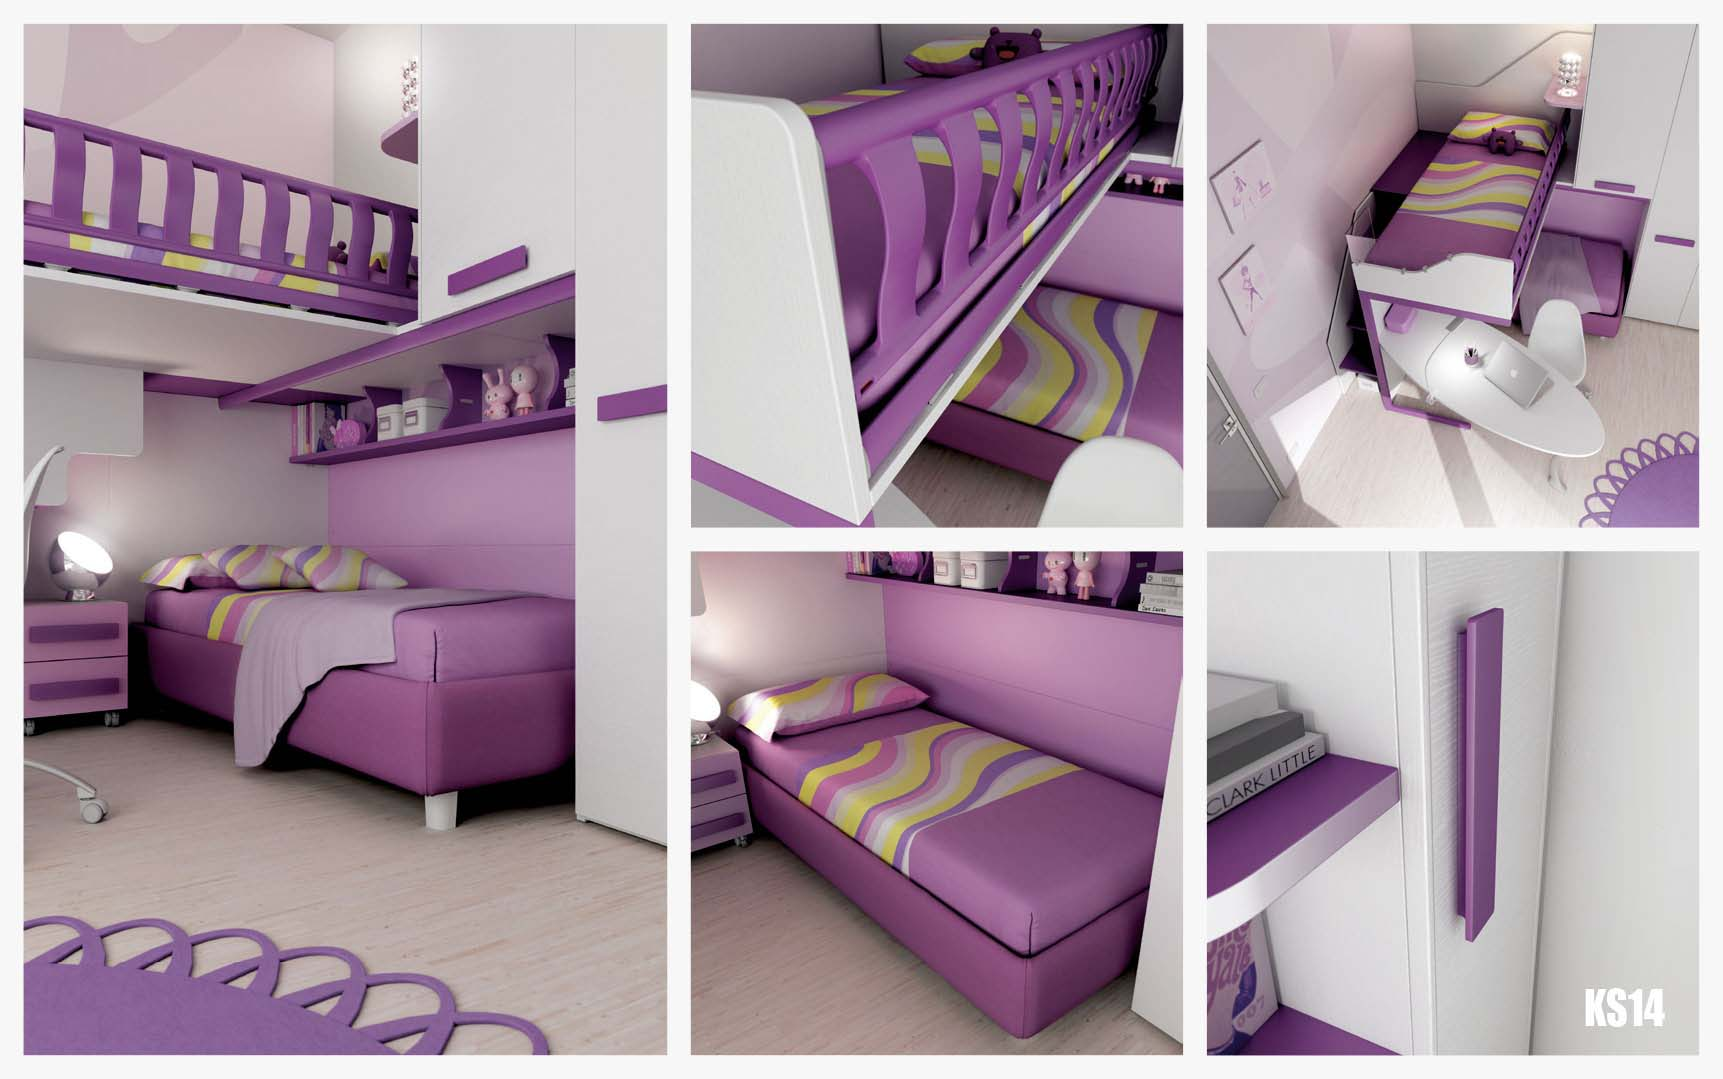 Chambre enfant design avec lits superpos s moretti - Mezzanine chambre enfant ...